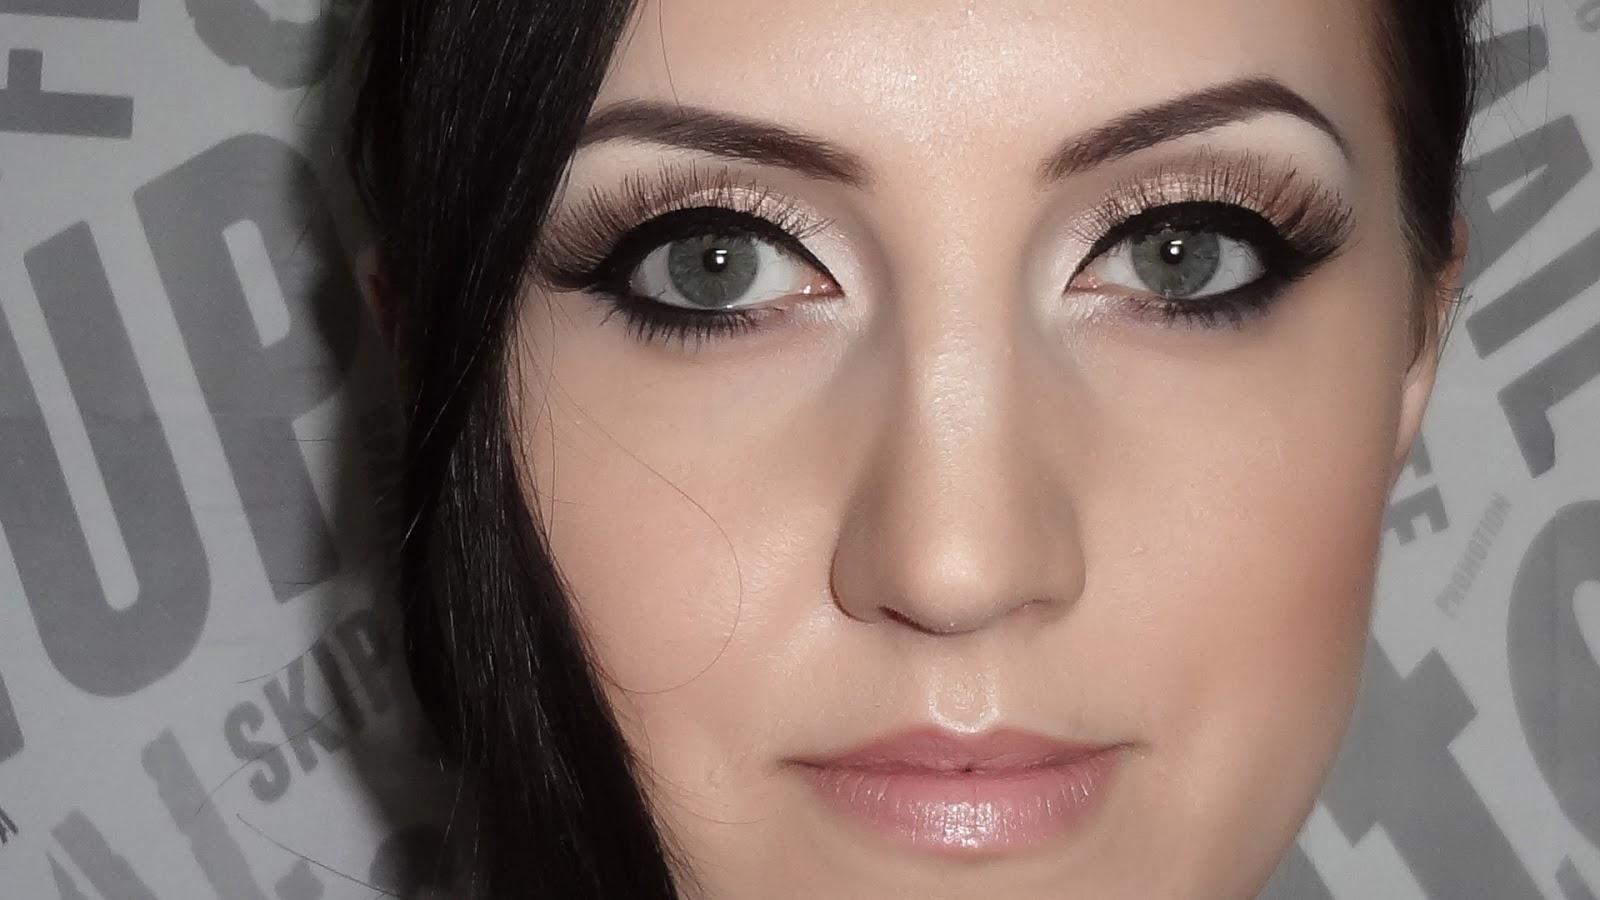 http://1.bp.blogspot.com/-pGr3Dd34QXs/US53EYxxyyI/AAAAAAAAC4s/wIBoKRirRWc/s1600/Adele+makeup.jpg